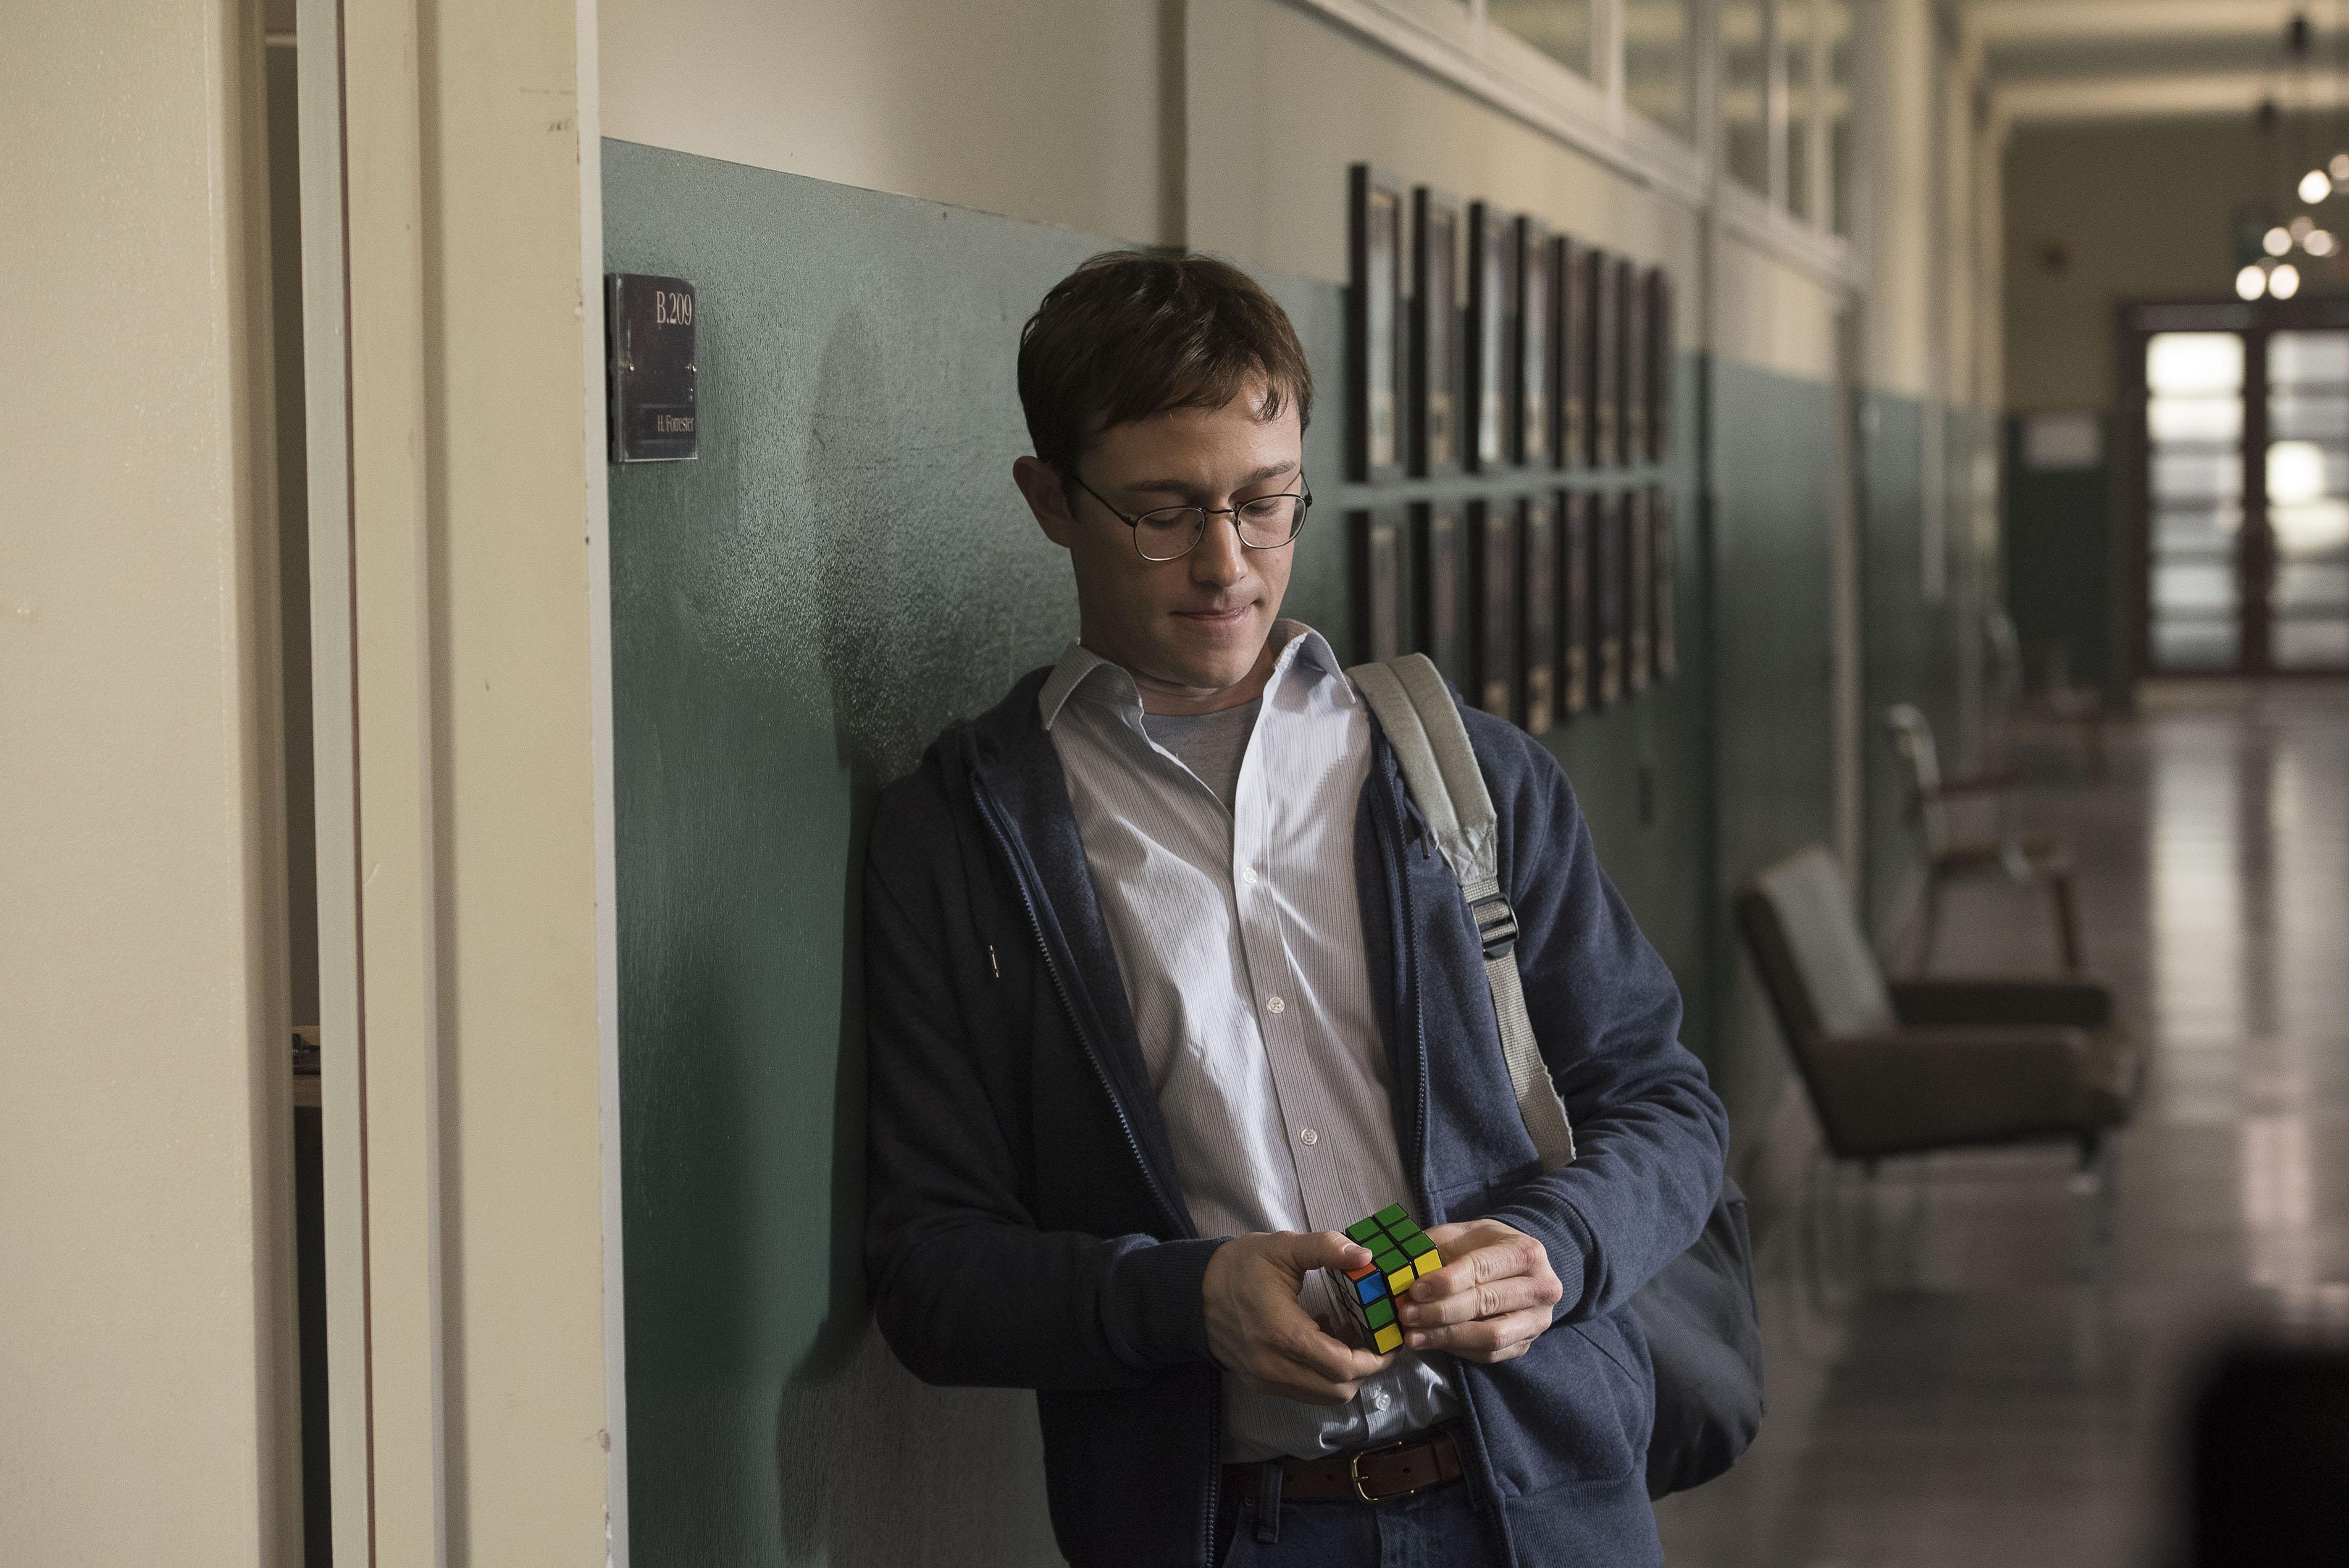 Ein Einzelgänger, der einiges in Bewegung brachte: Edward Snowden (Joseph Gordon-Levitt) an seinem ersten Tag bei der NSA.